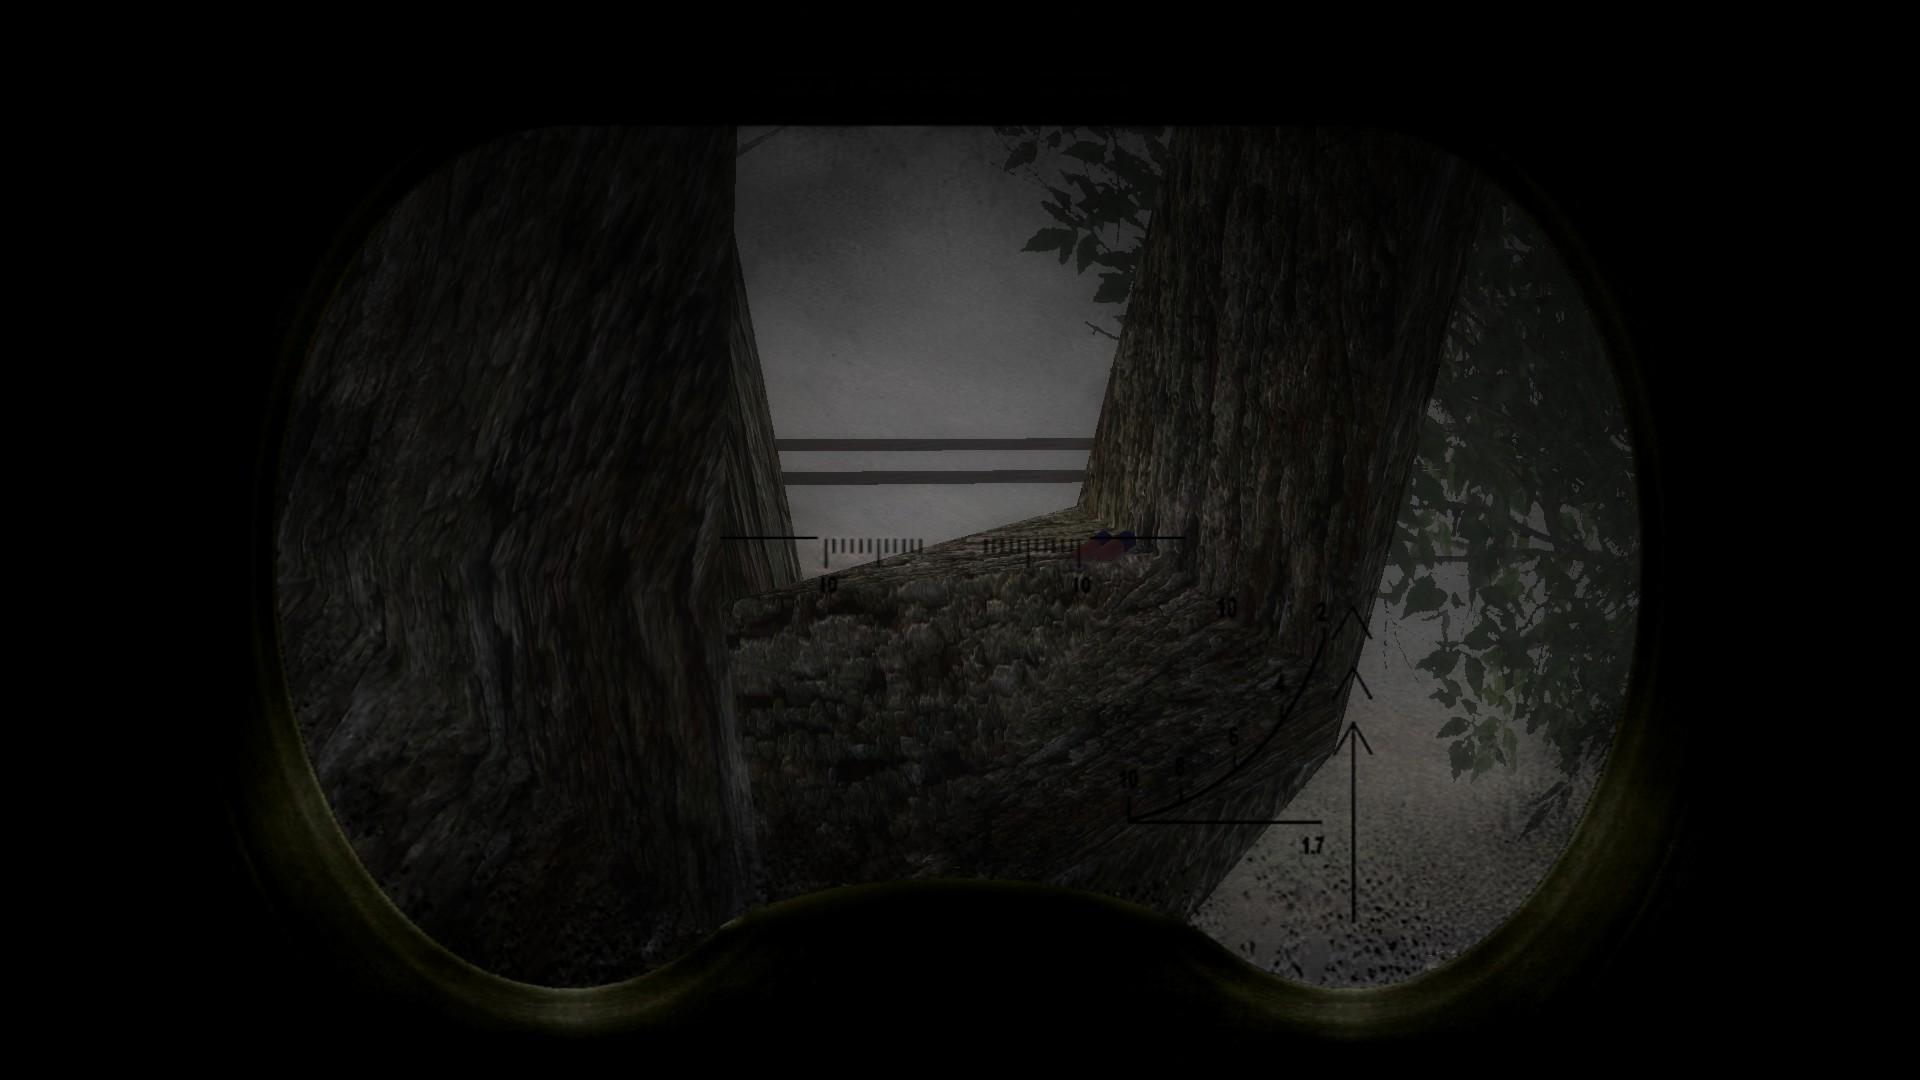 Oblivion Lost Remake 2.5 image 174